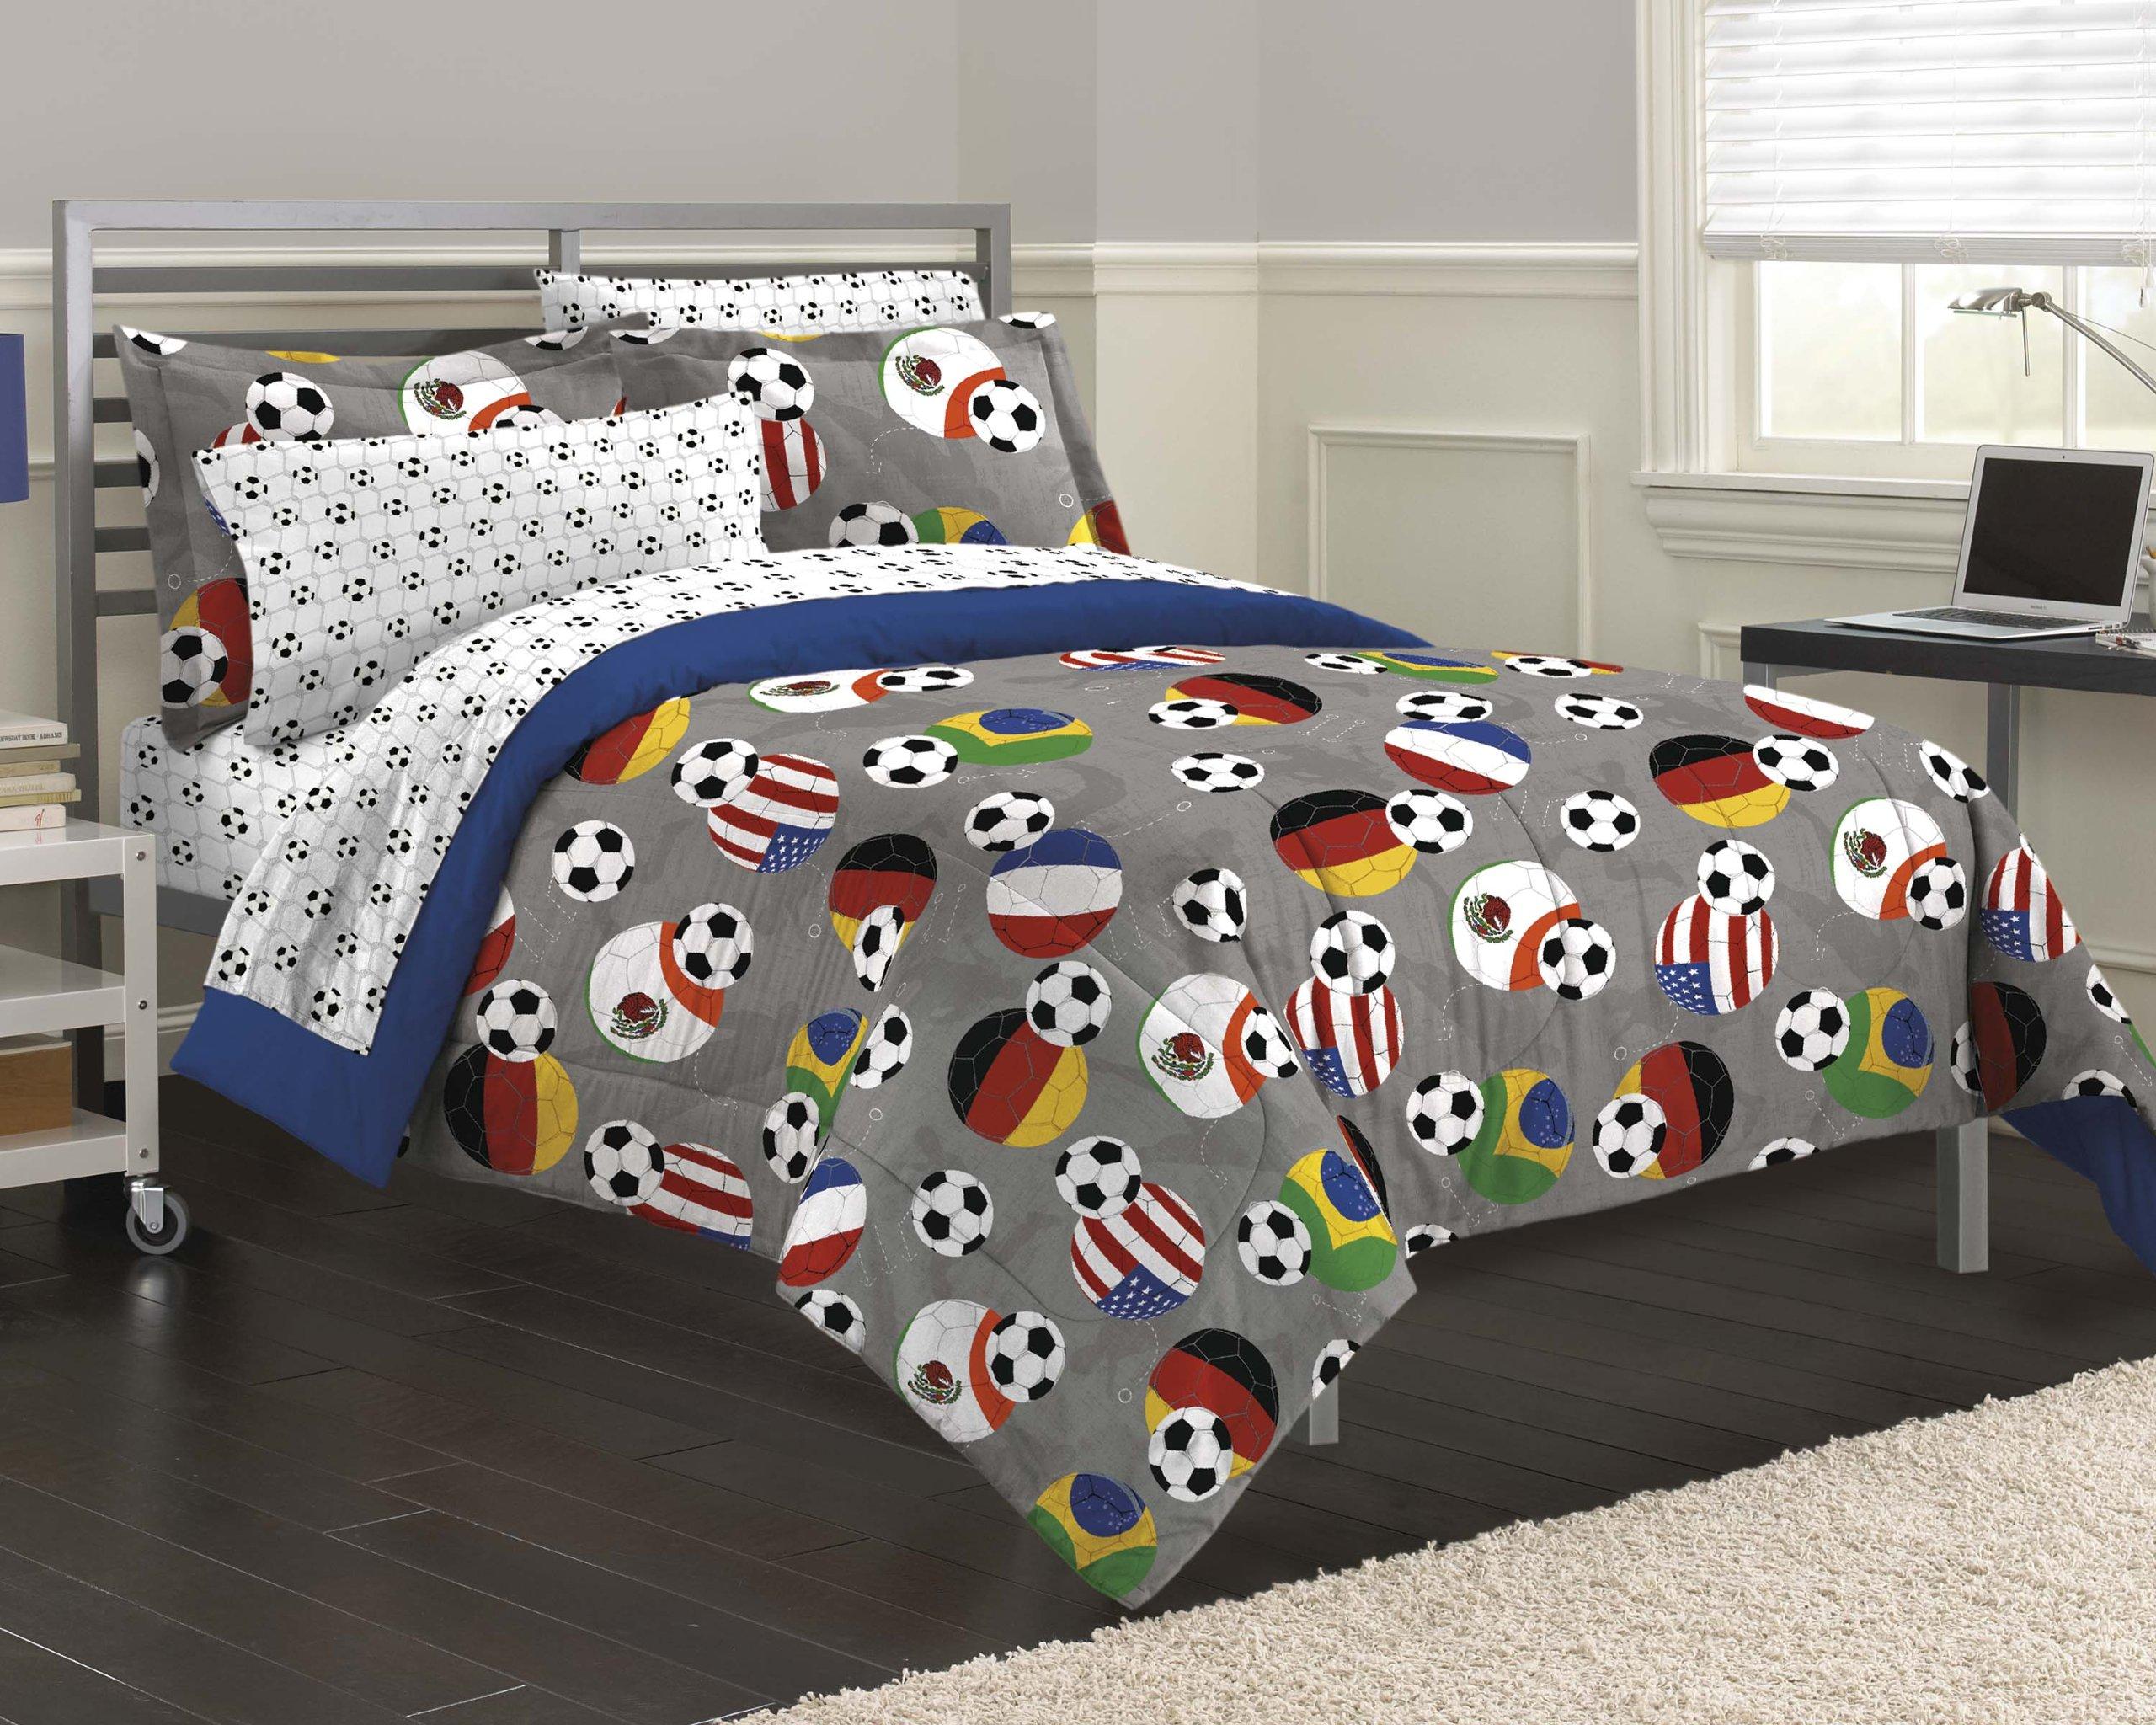 My Room Soccer Fever Teen Bedding Comforter Set, Gray, Full